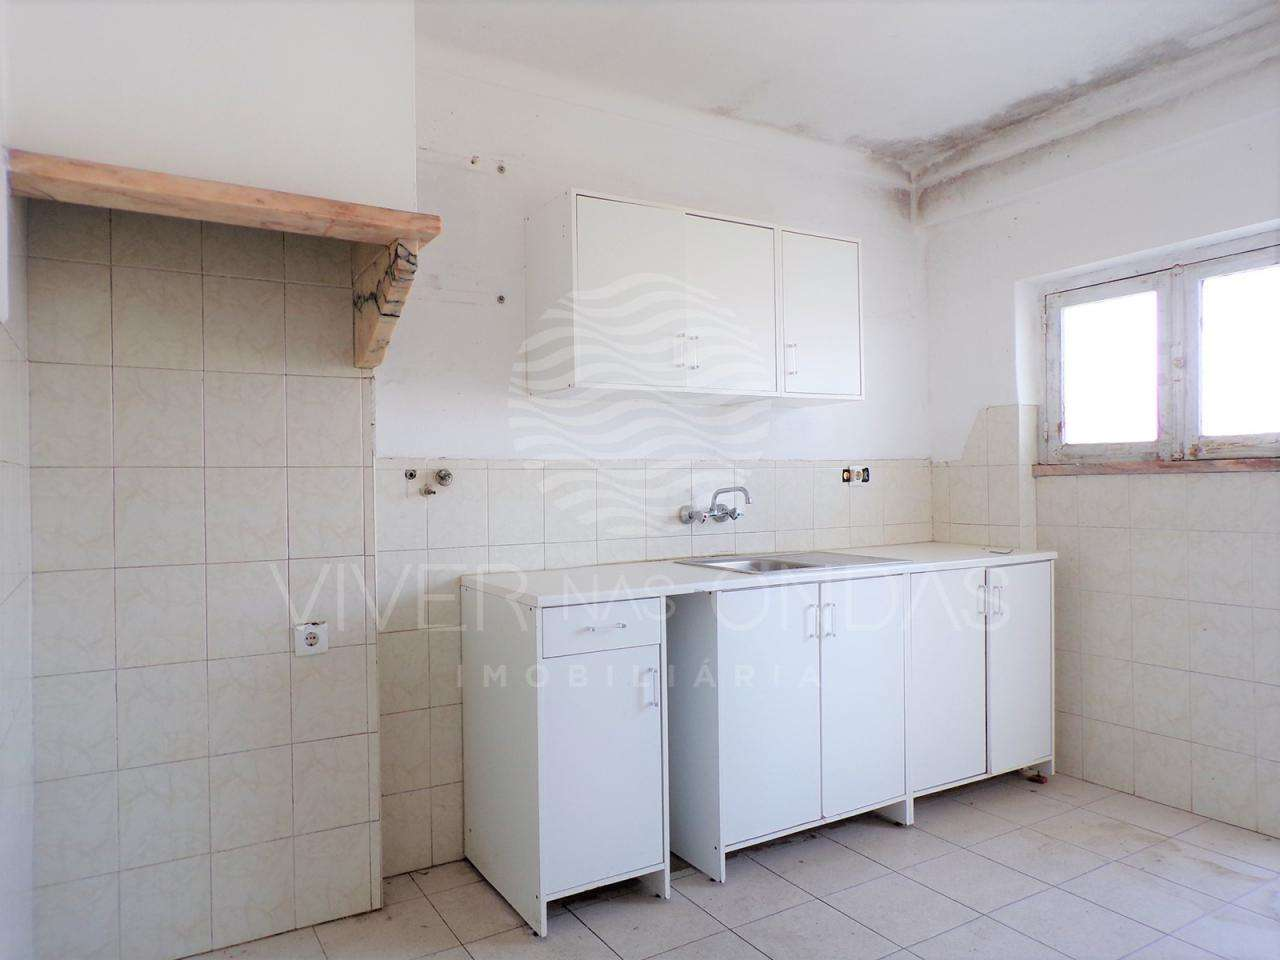 Apartamento para comprar, Seixal, Arrentela e Aldeia de Paio Pires, Setúbal - Foto 1